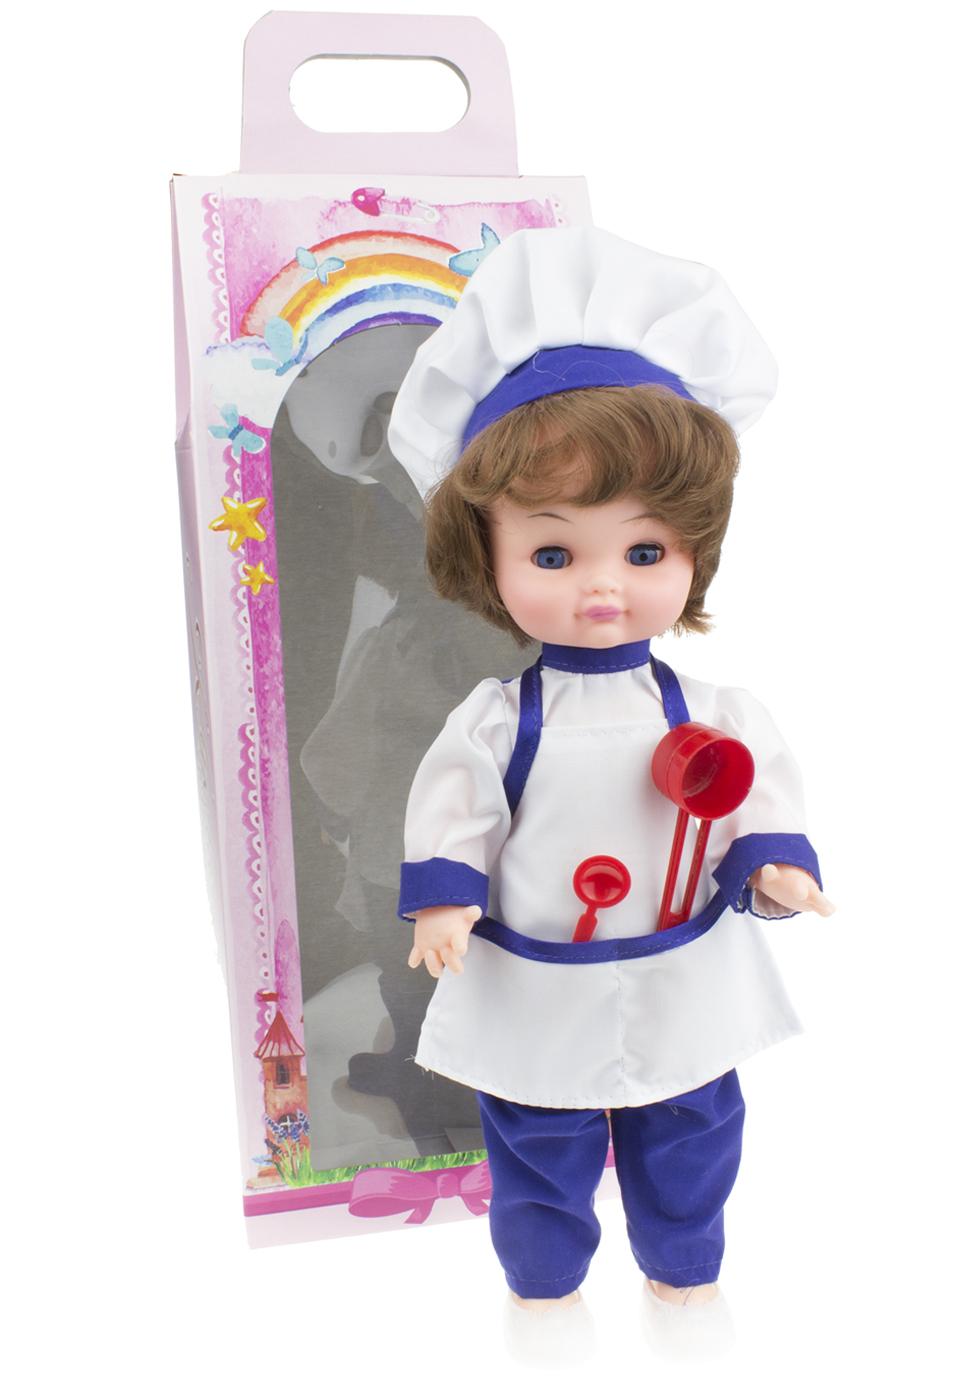 Русские куклы отечественного производства в оптовом магазине - Альба картинка